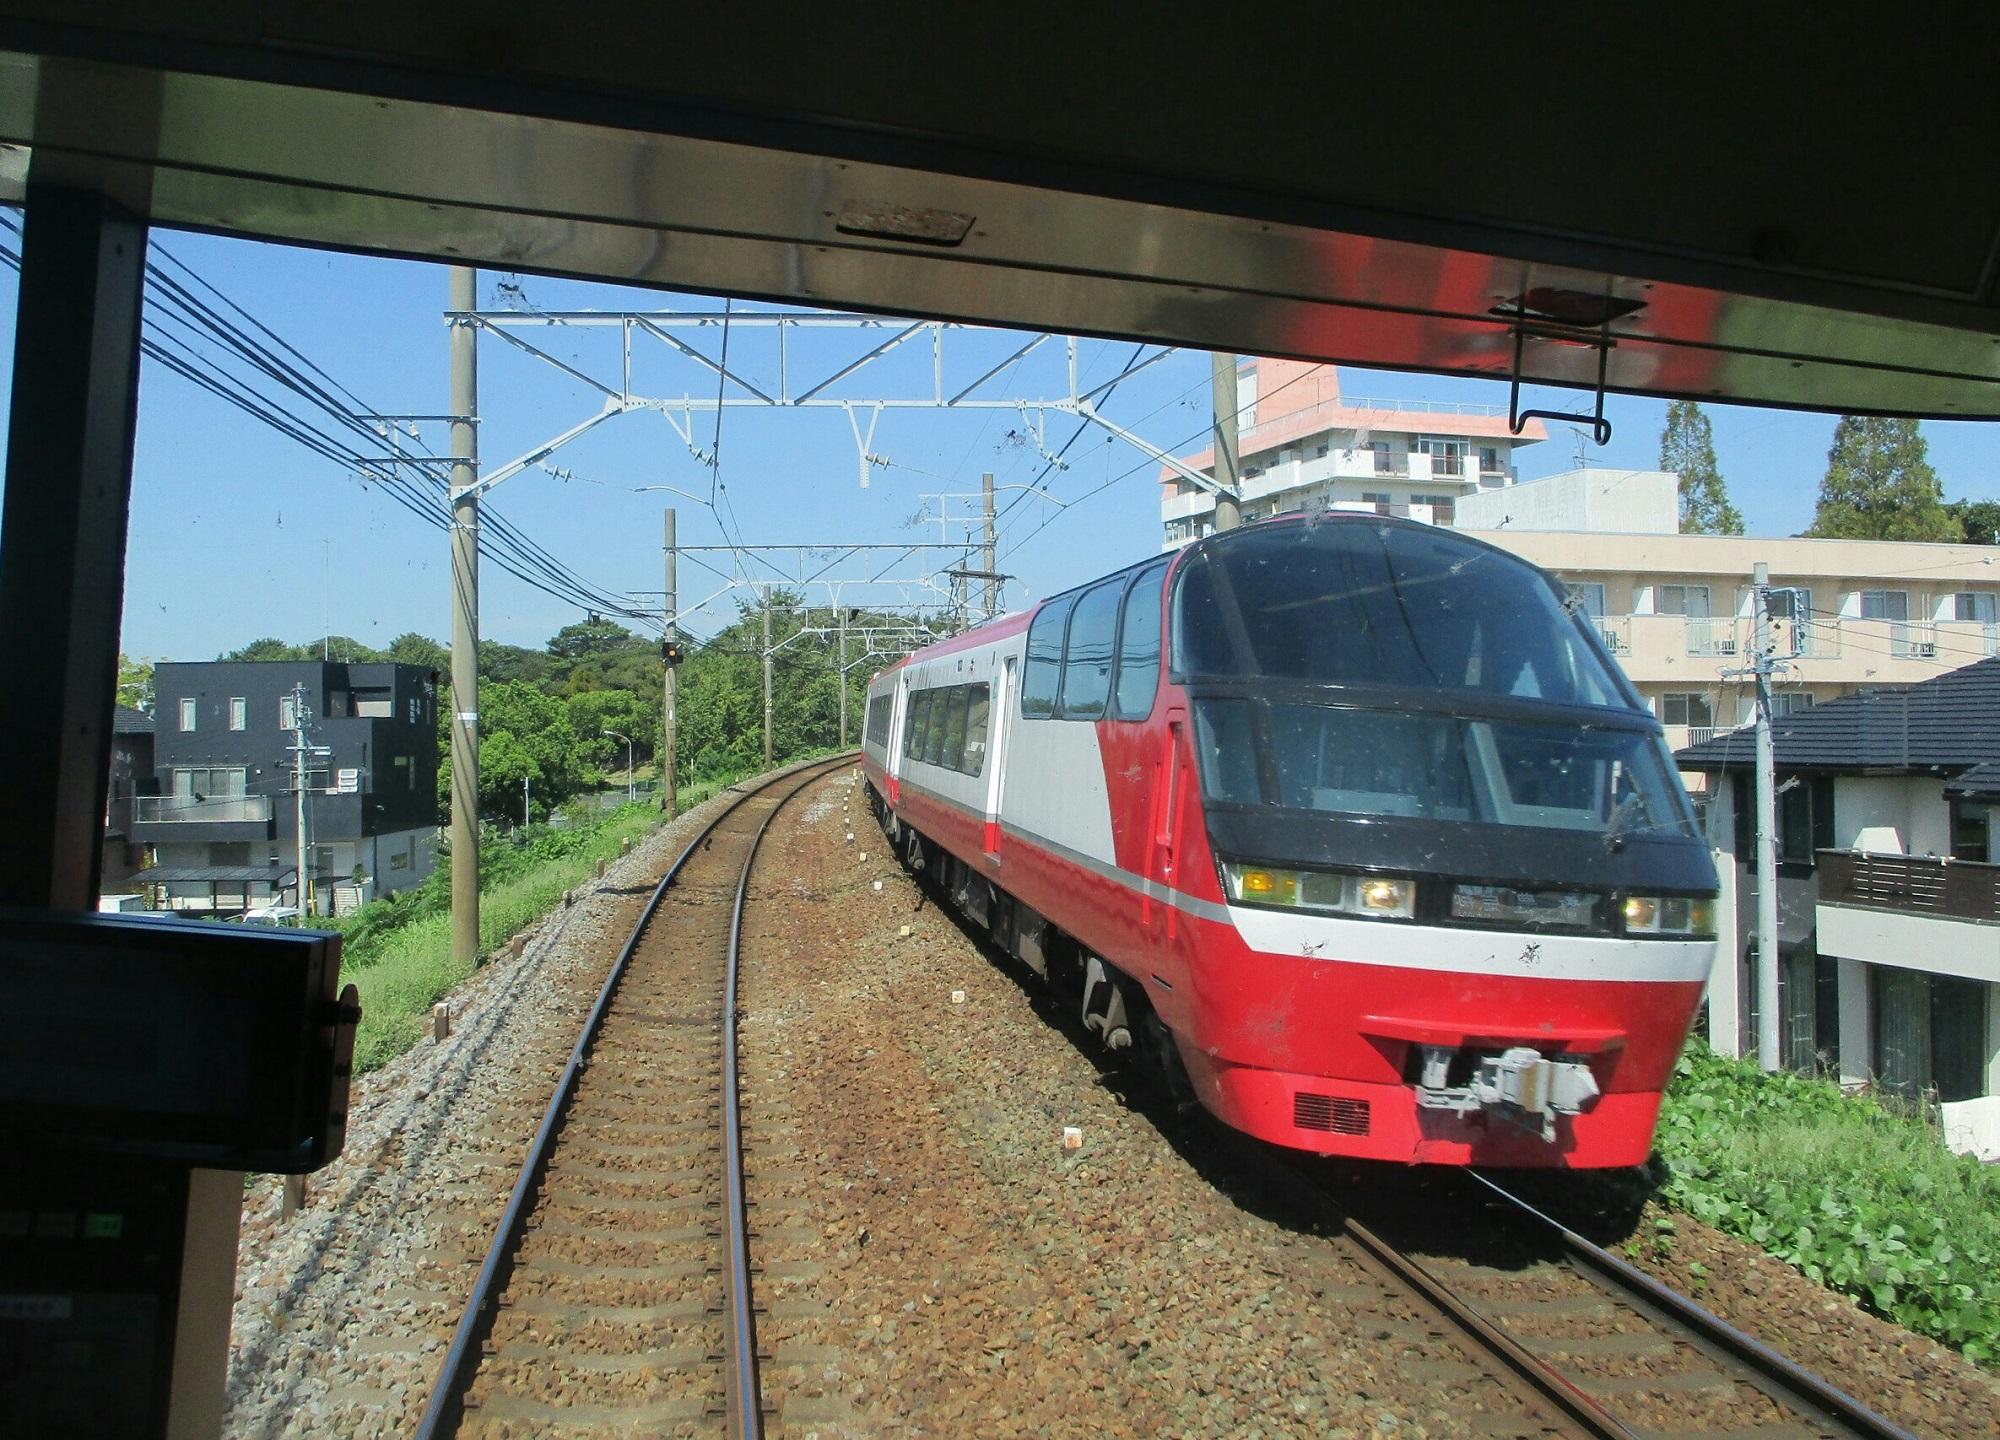 2018.8.27 (16) 岐阜いき特急 - 東岡崎-岡崎公園前間 2000-1440